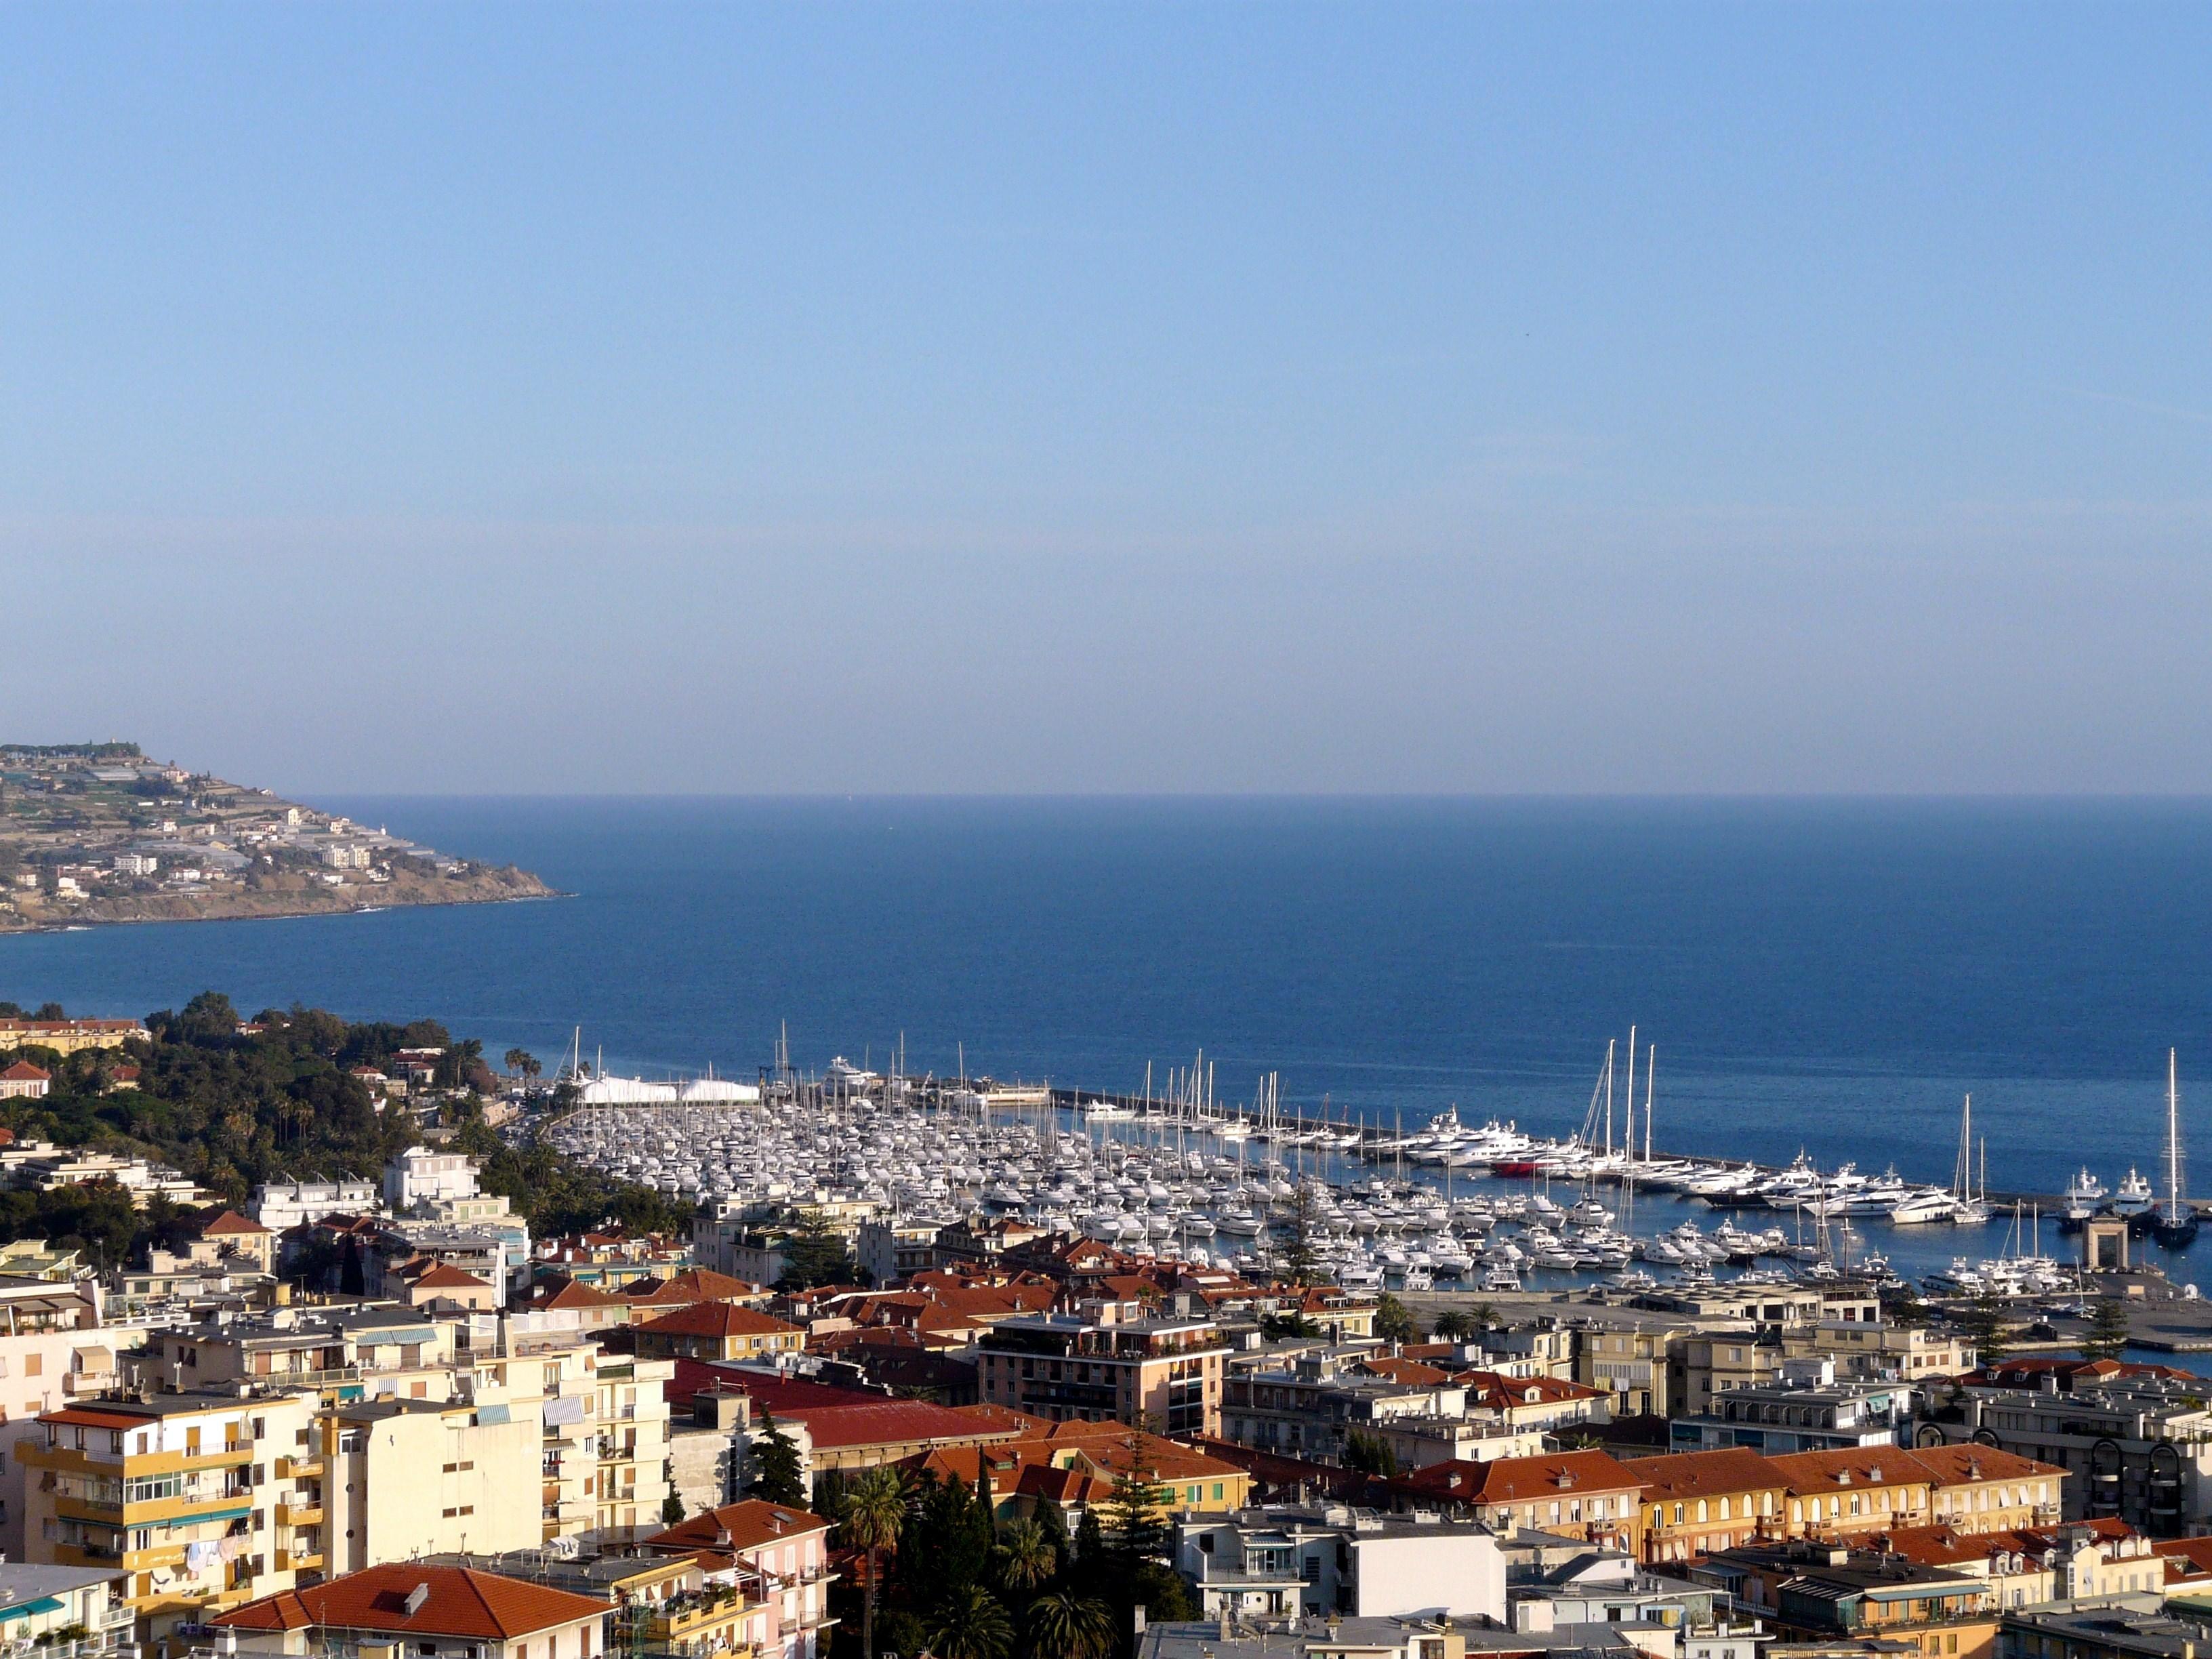 Noleggio Barche Sanremo - Navalia | Noleggia un Sogno